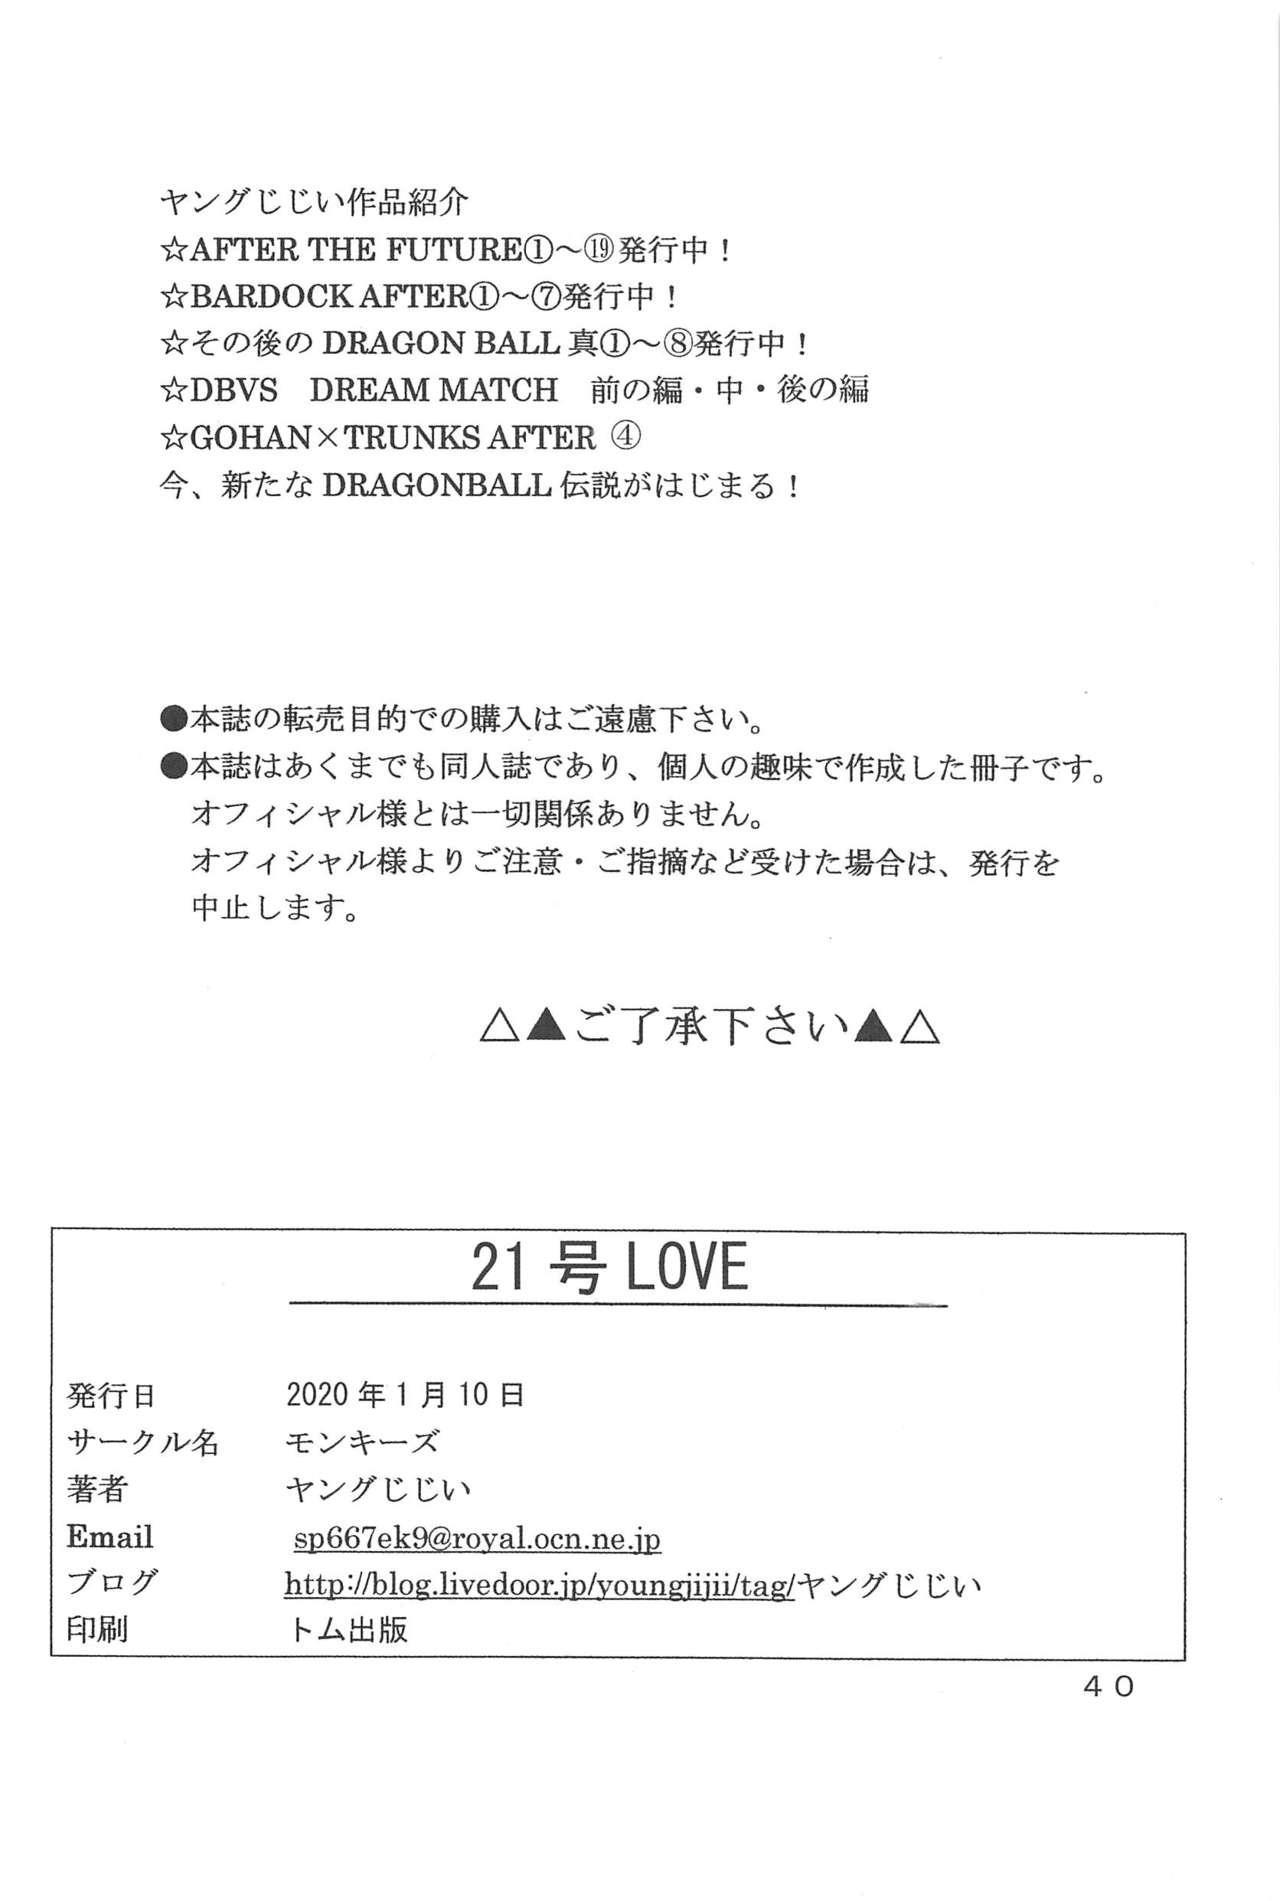 21-gou LOVE 40